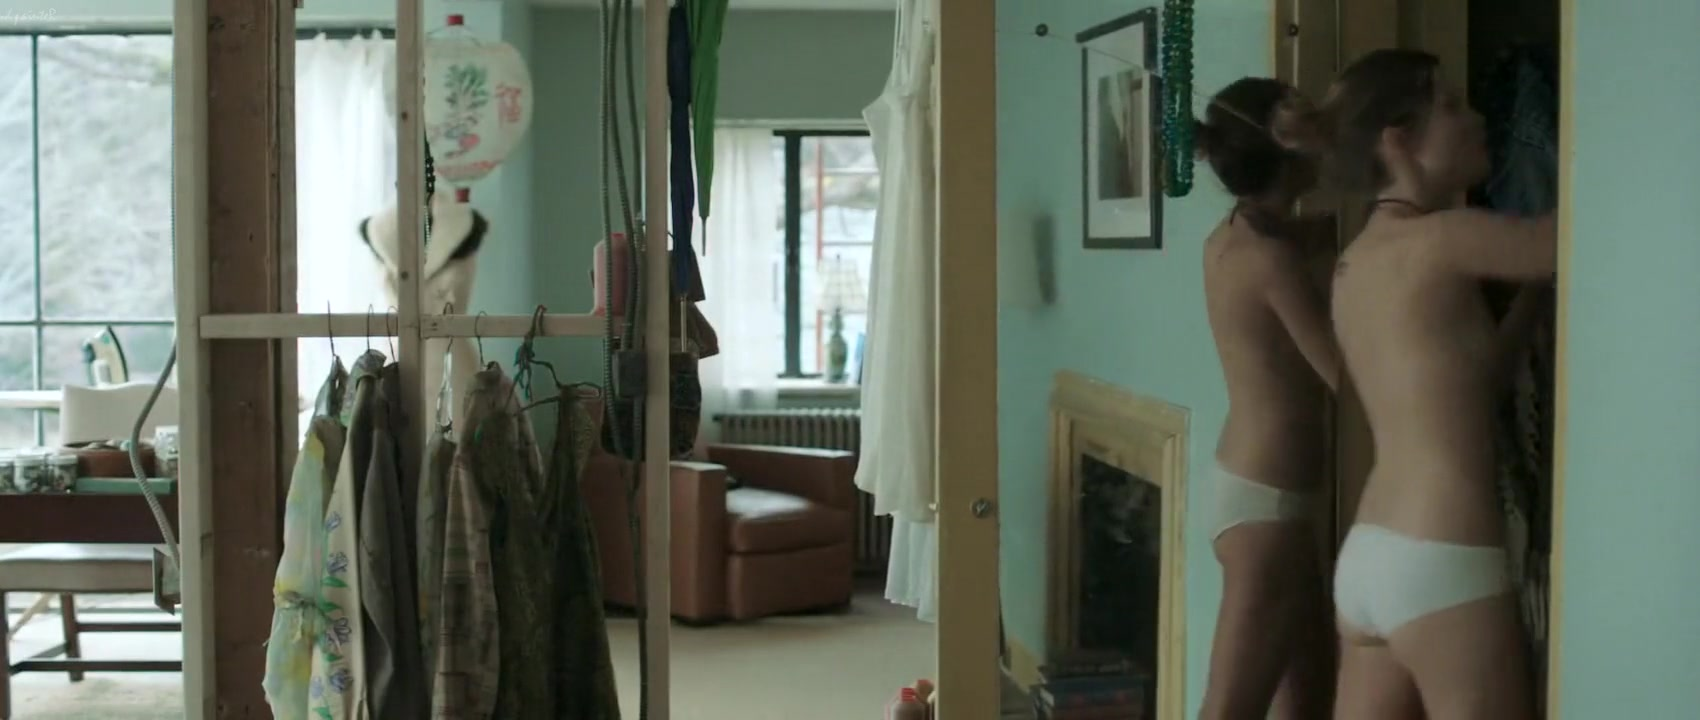 Gitte Witt In 'the Sleepwalker' (2014)